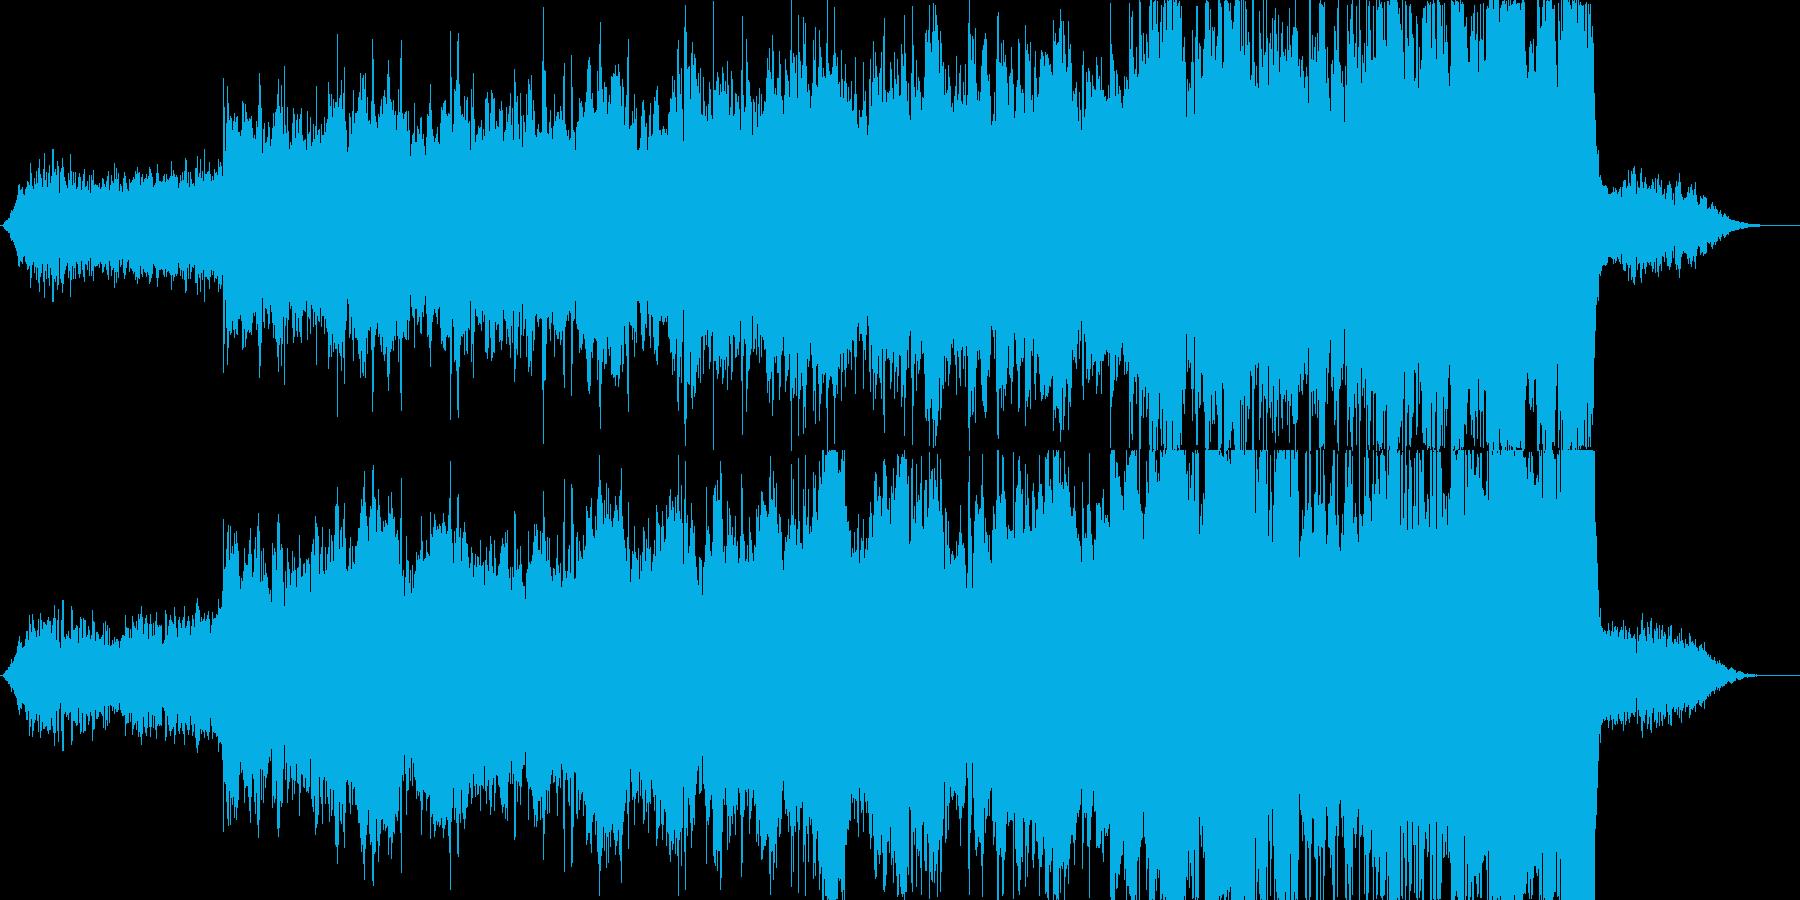 オーケストラとシンセ、企業イメージ向けの再生済みの波形